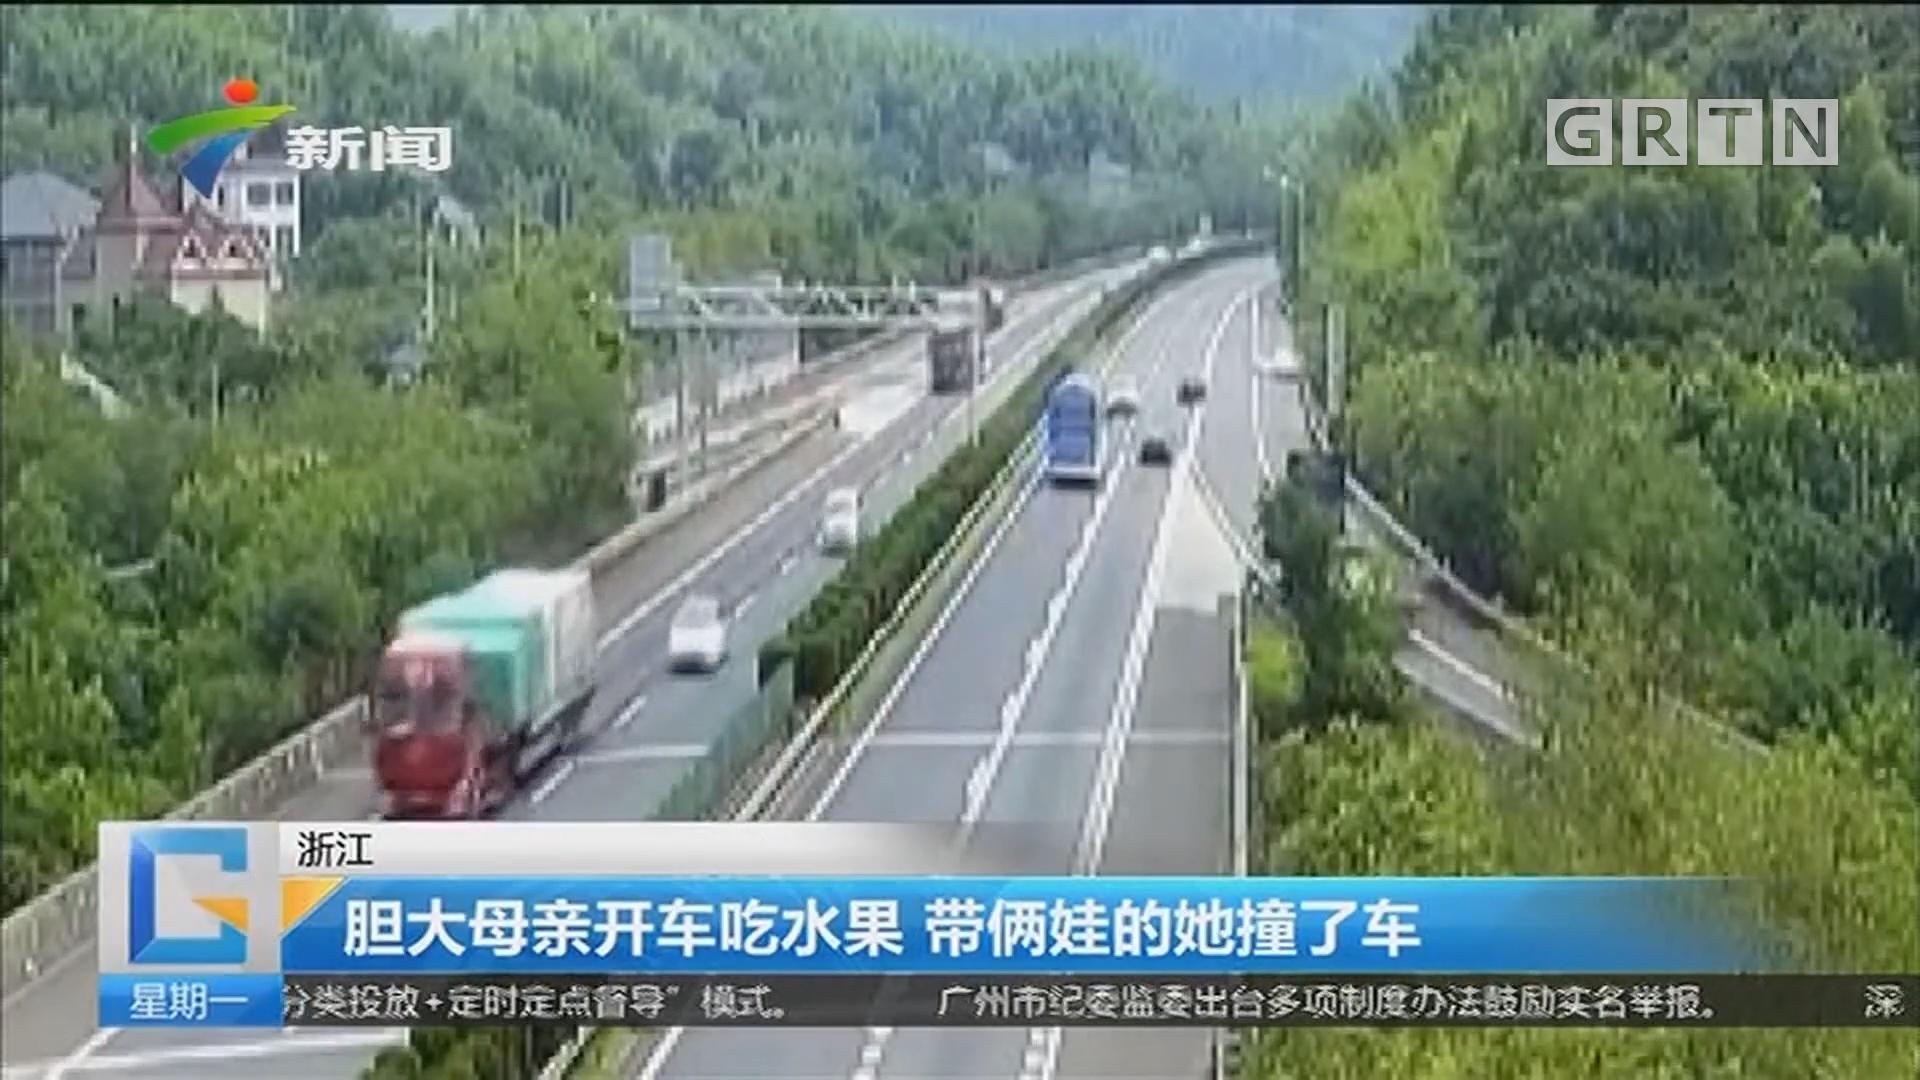 浙江:胆大母亲开车吃水果 带俩娃的她撞了车